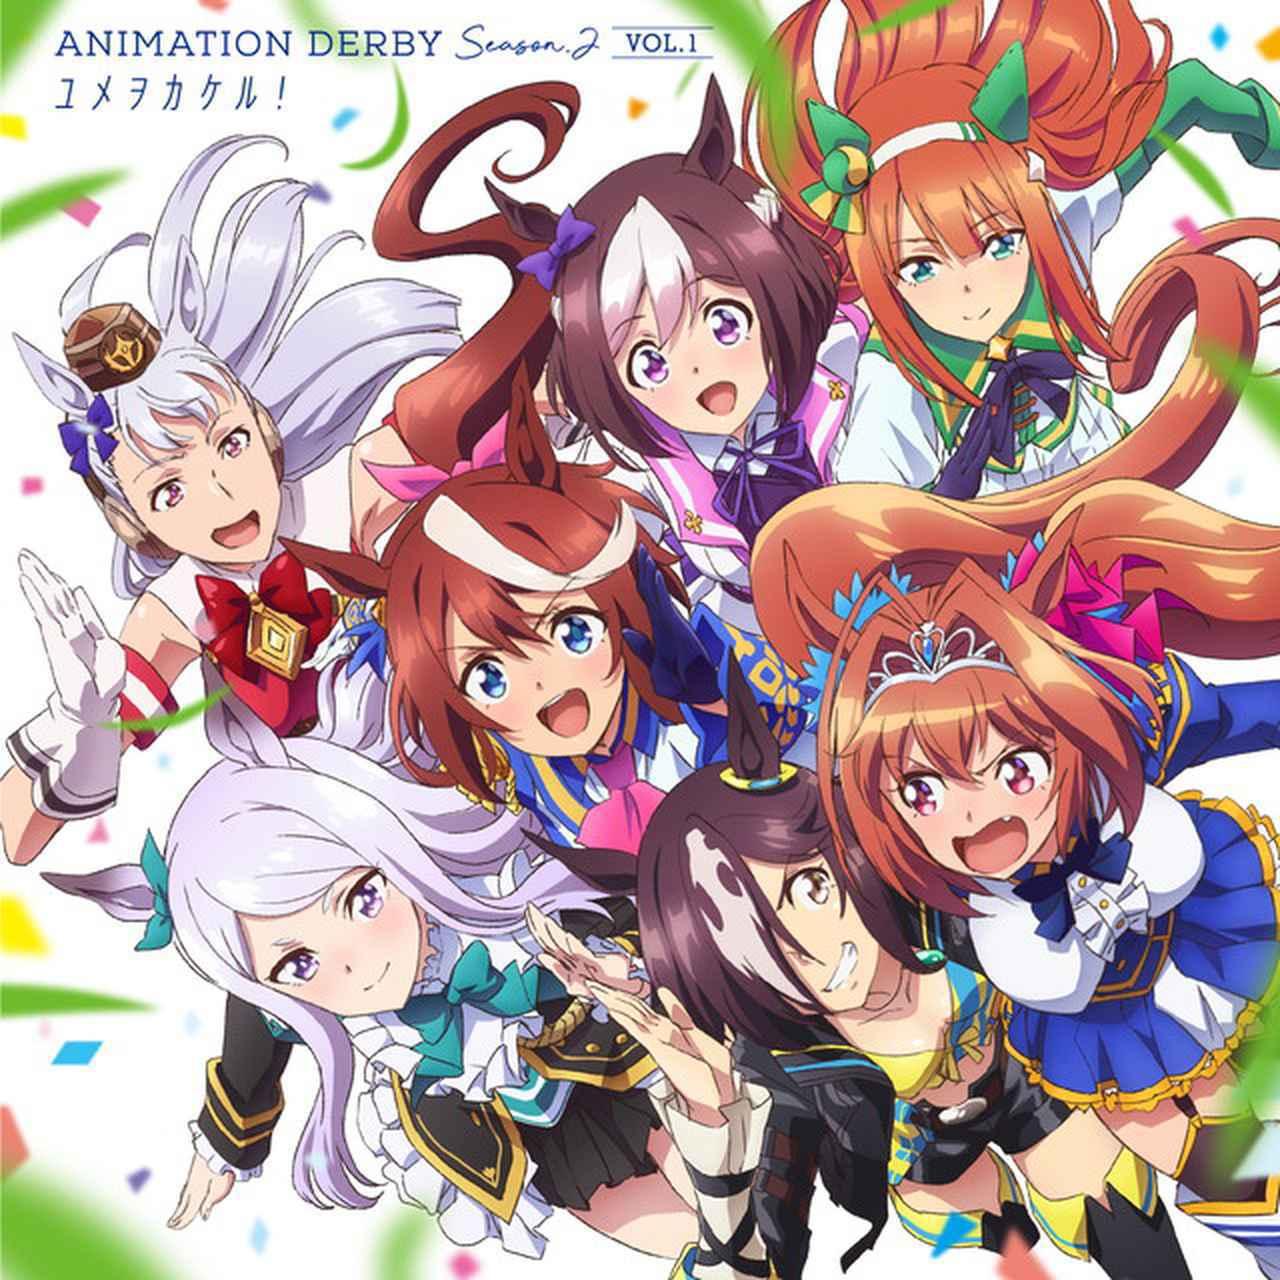 画像: TVアニメ『ウマ娘 プリティーダービー Season 2』ANIMATION DERBY Season 2 vol.1 ユメヲカケル!/Various Artists